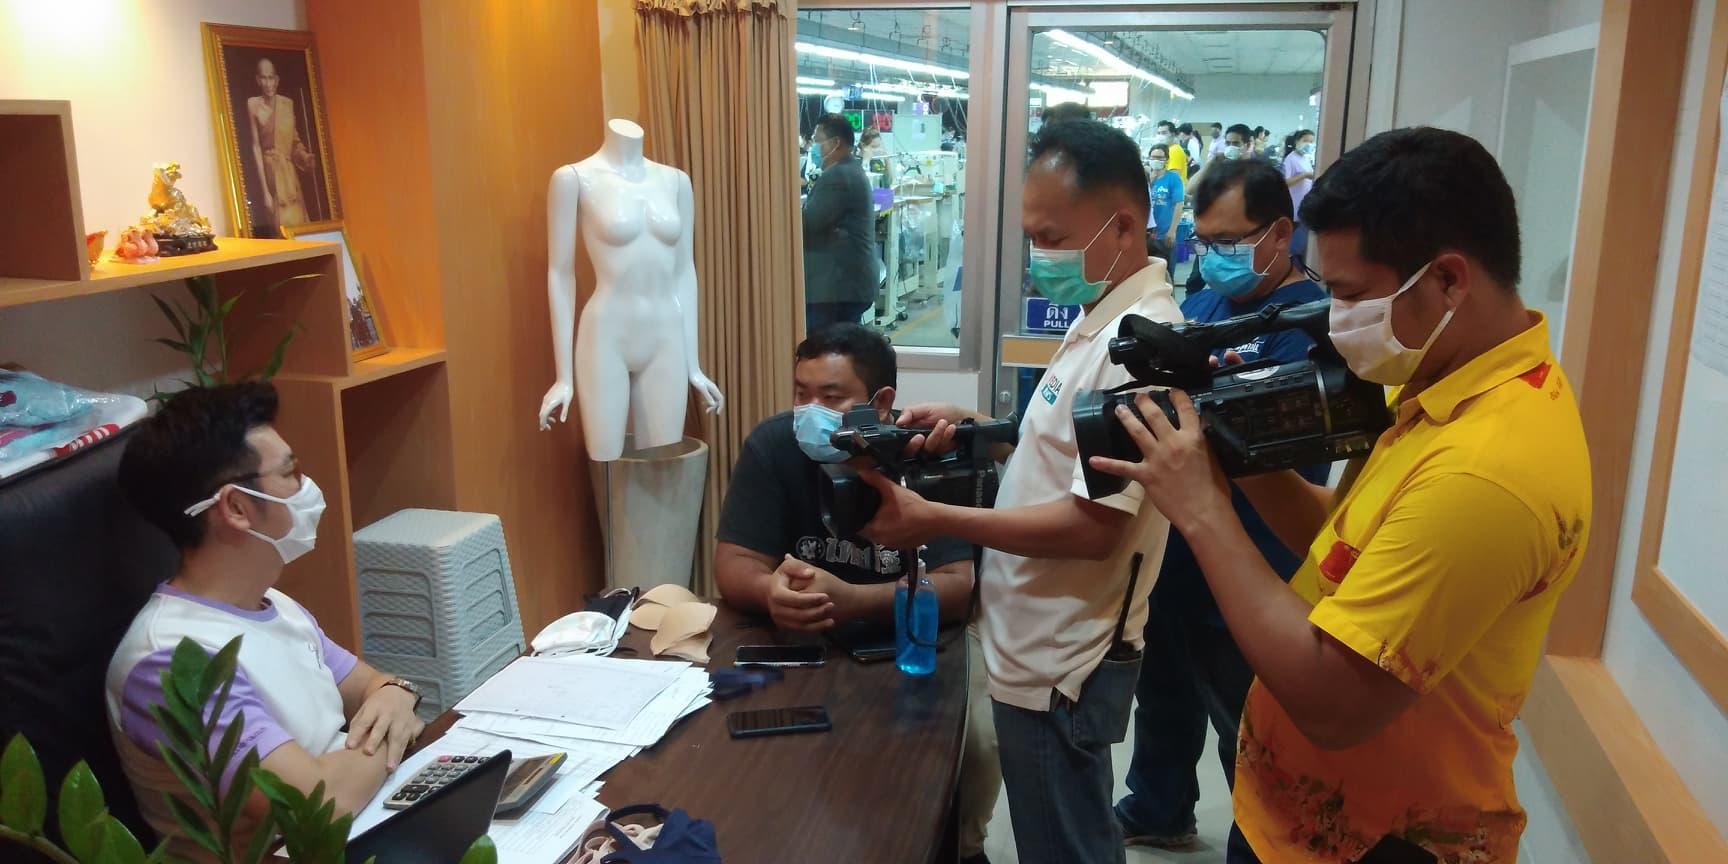 สื่อมวลชน จาก ไทยรัฐ  / NBT และ สถานีวิทยุกระจายเสียงแห่งประเทศไทยเข้าเยี่ยมชม บันทึกและสัมภาษณ์การเย็บแมสปิดจมูก เพื่อแจกจ่าย